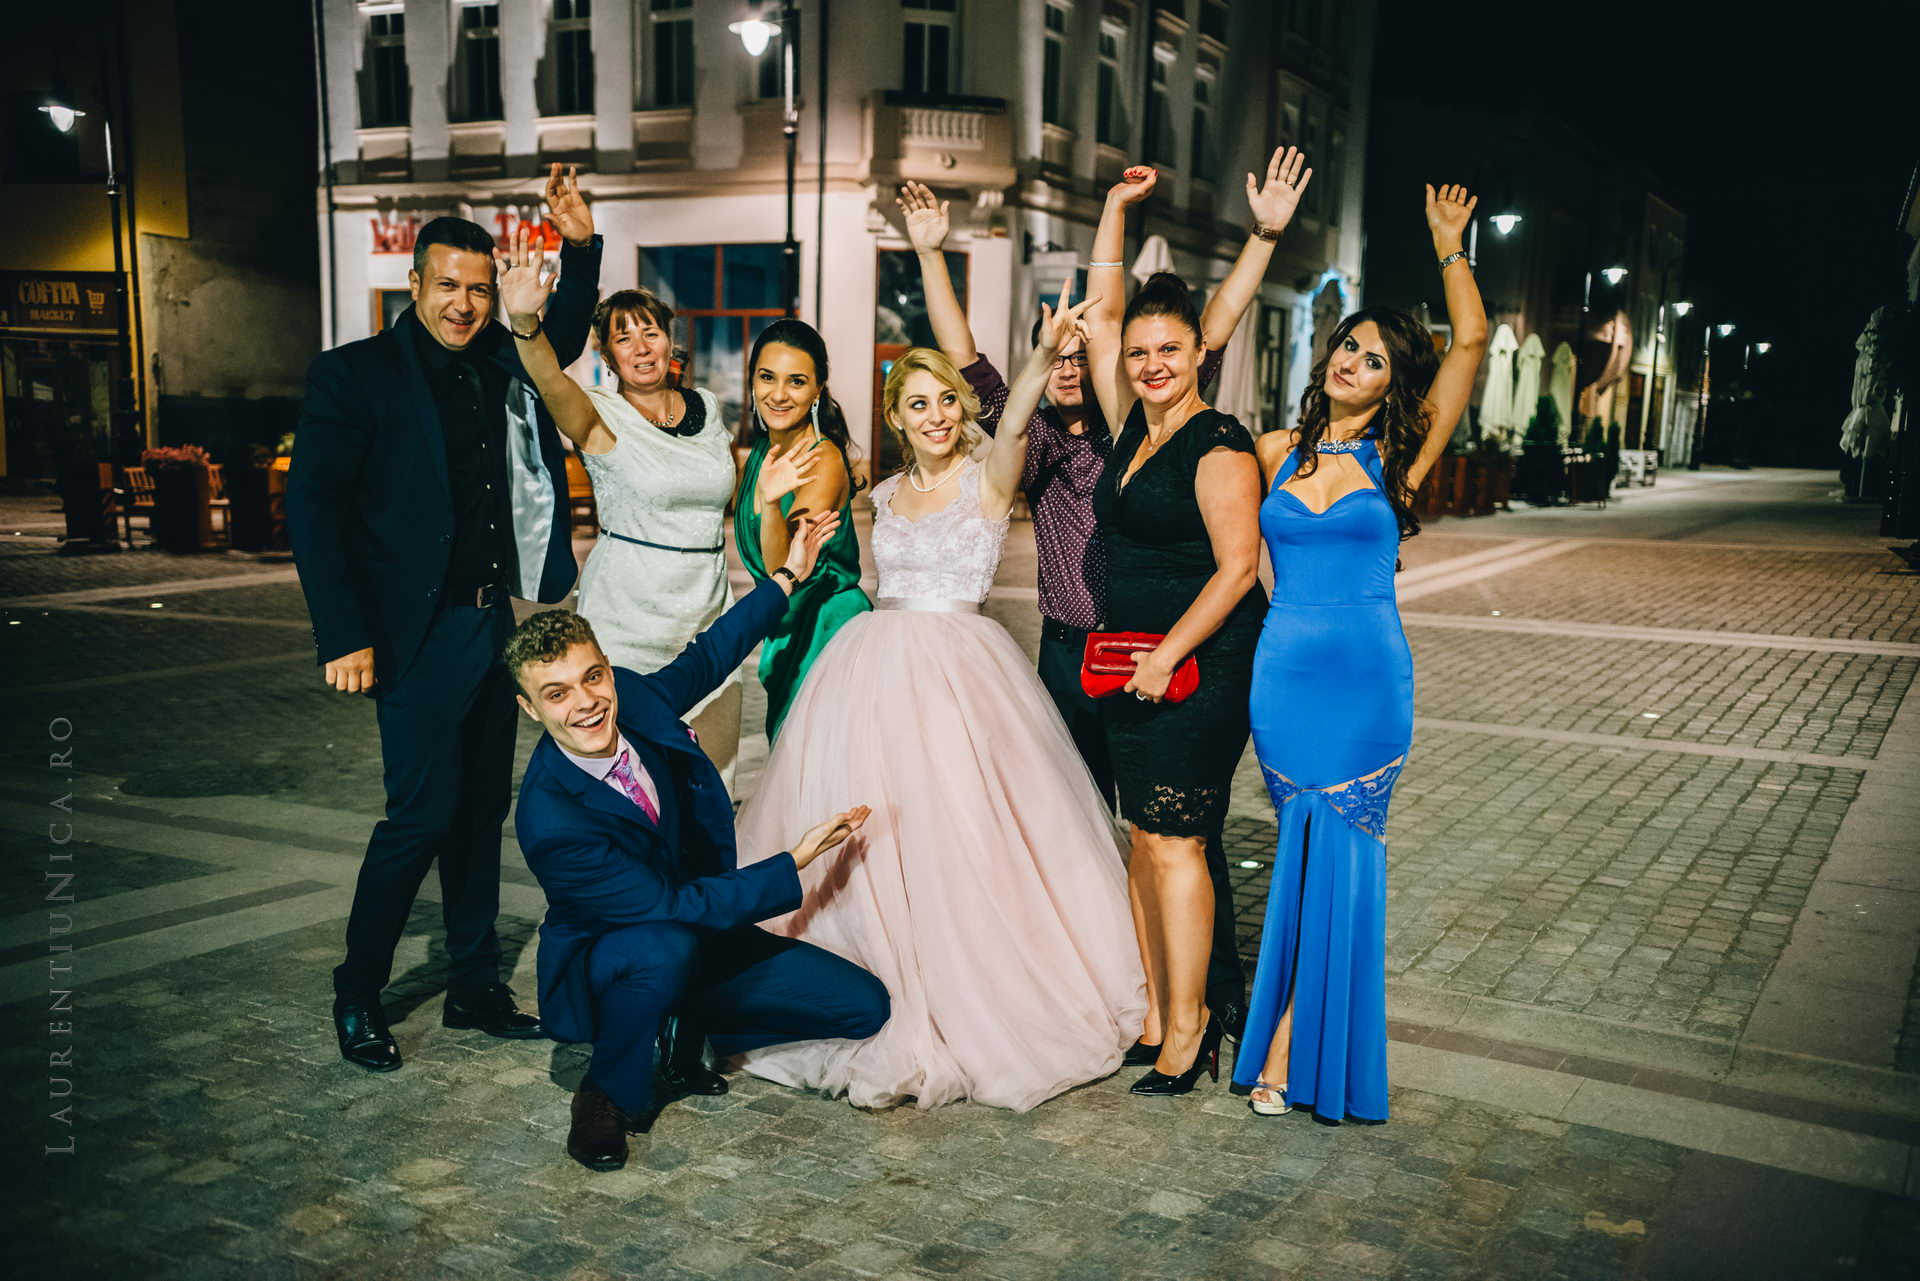 lavinia si adi fotograf laurentiu nica craiova 074 - Lavinia & Adi | Fotografii nunta